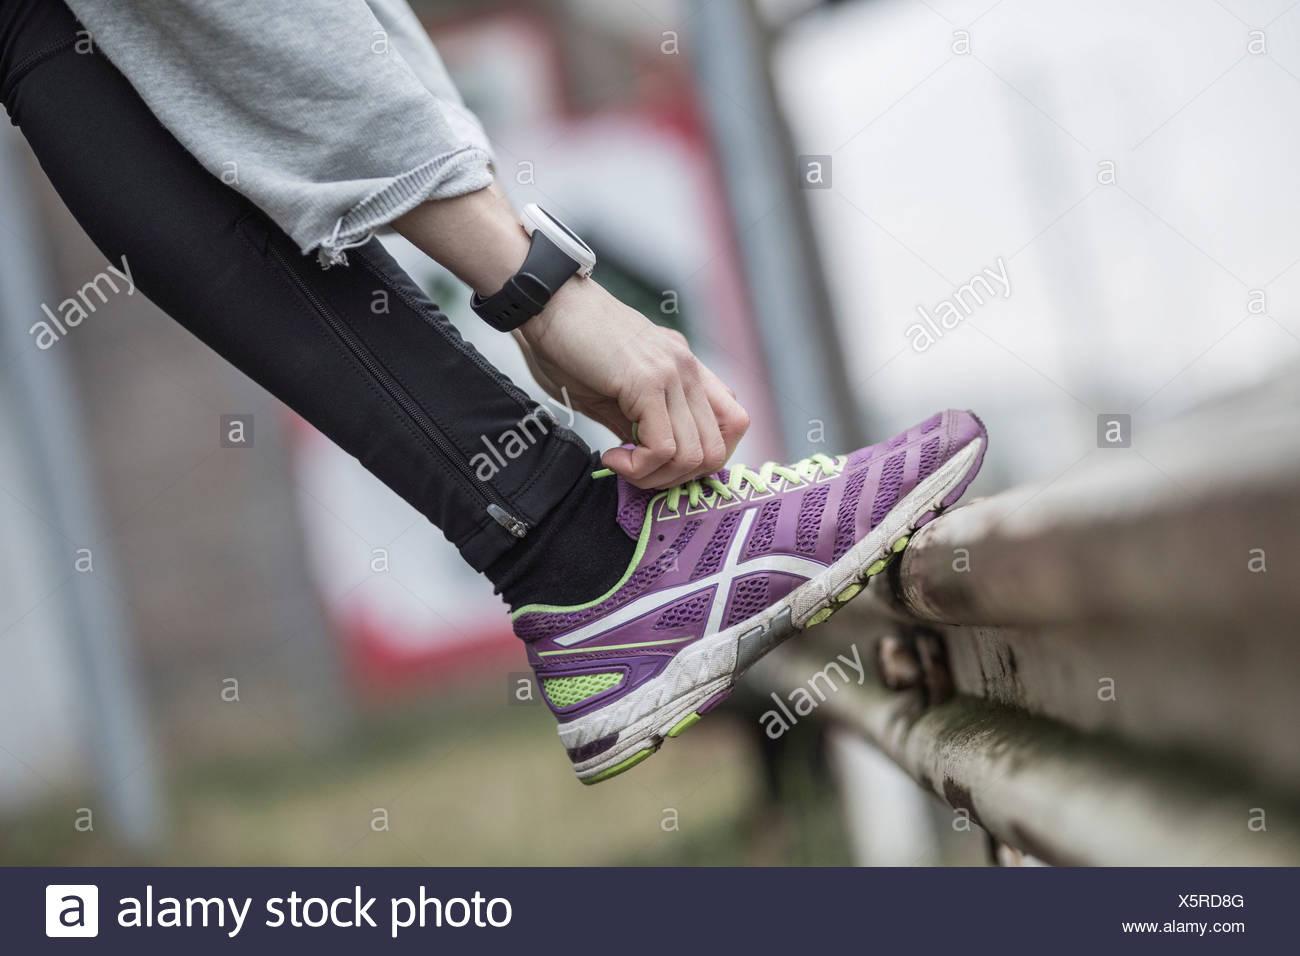 Bajo la sección de mujer de encaje atado de calzado deportivo en la barandilla Imagen De Stock